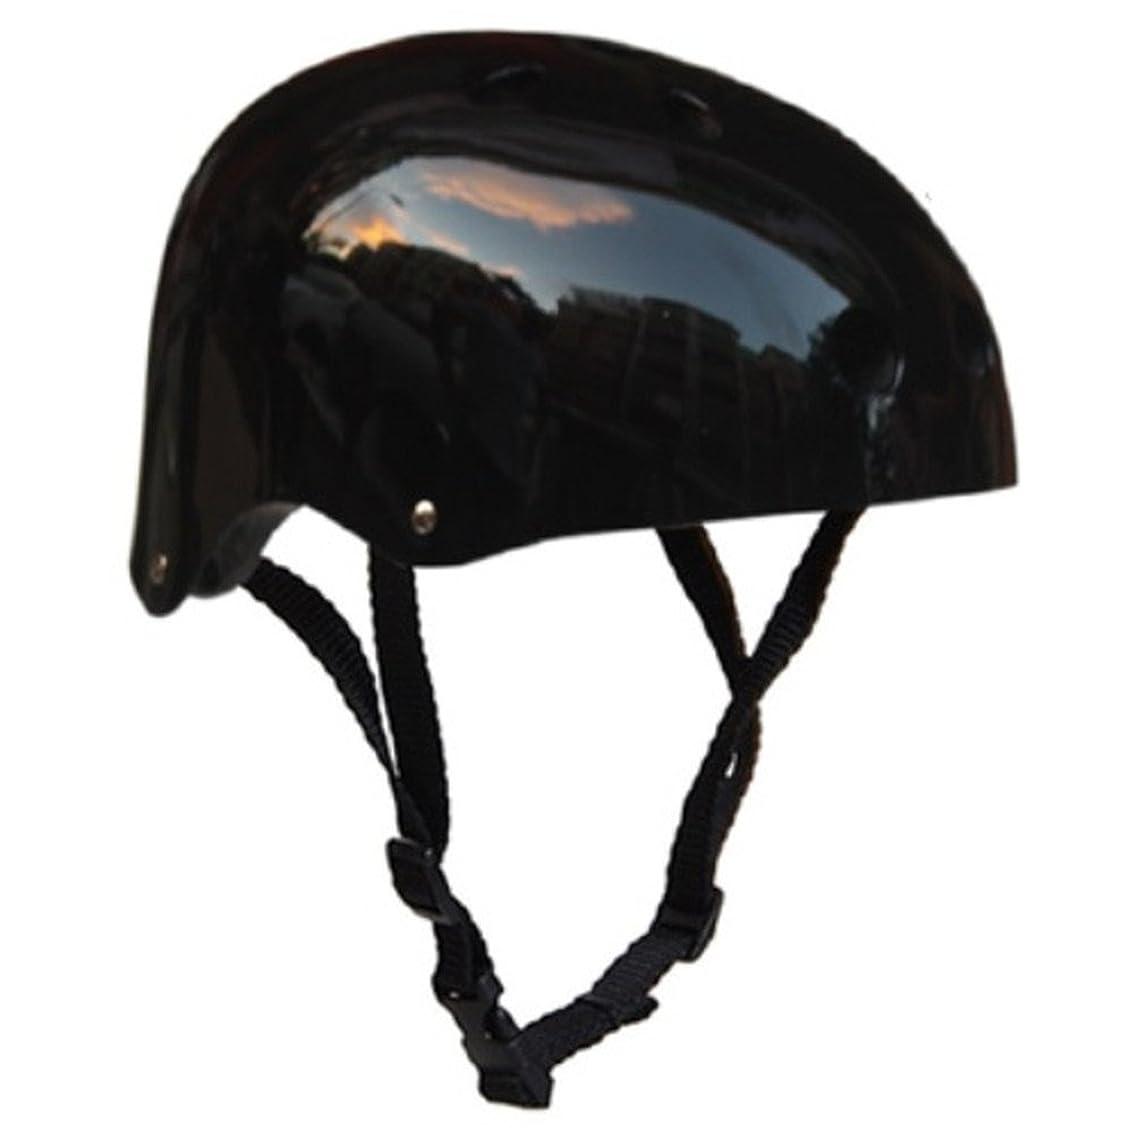 アラブ人ボトル酒alohapi スポーツ ヘルメット Sサイズ 50-54cm 男女 兼用 選べる カラー スケボー スノボー インライン スケート